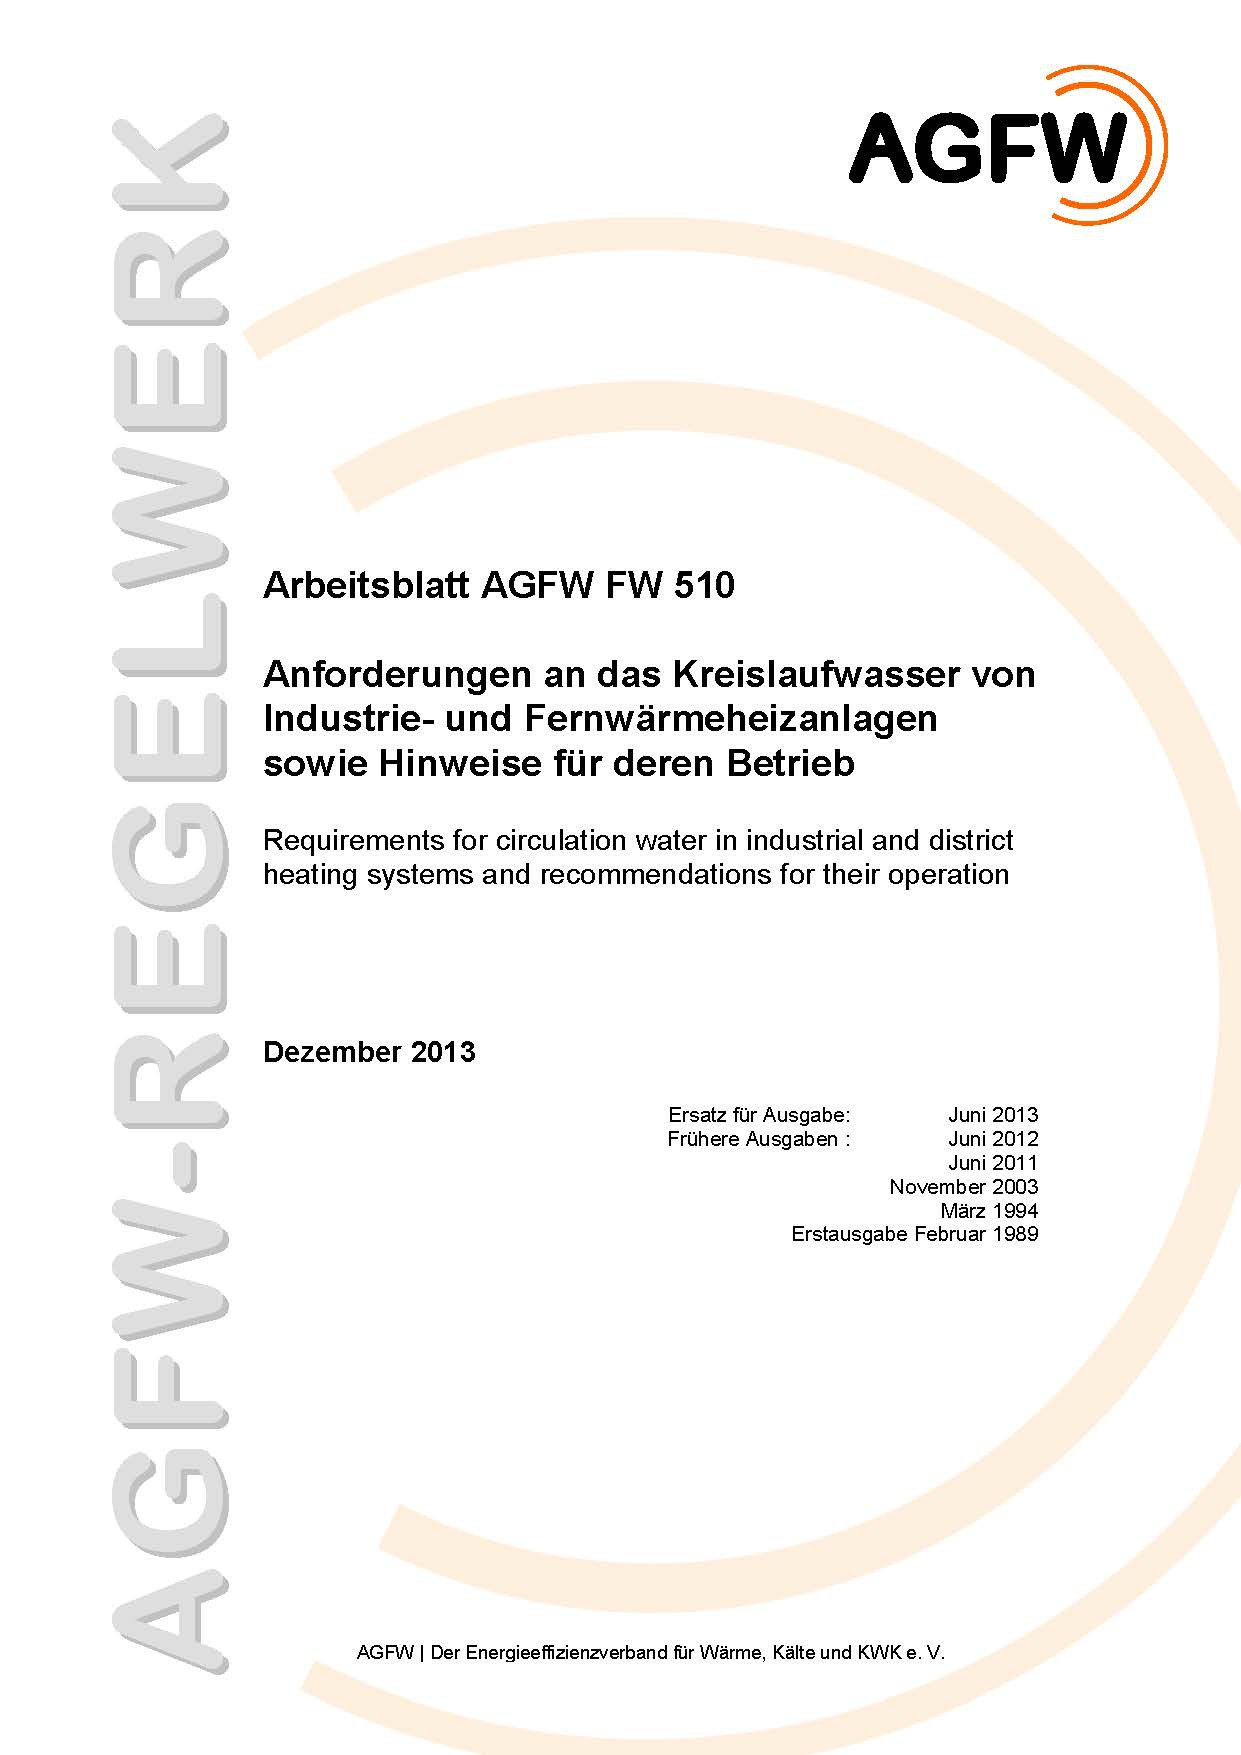 FW 510 - Anforderungen an das Kreislaufwasser von Industrie- und ...